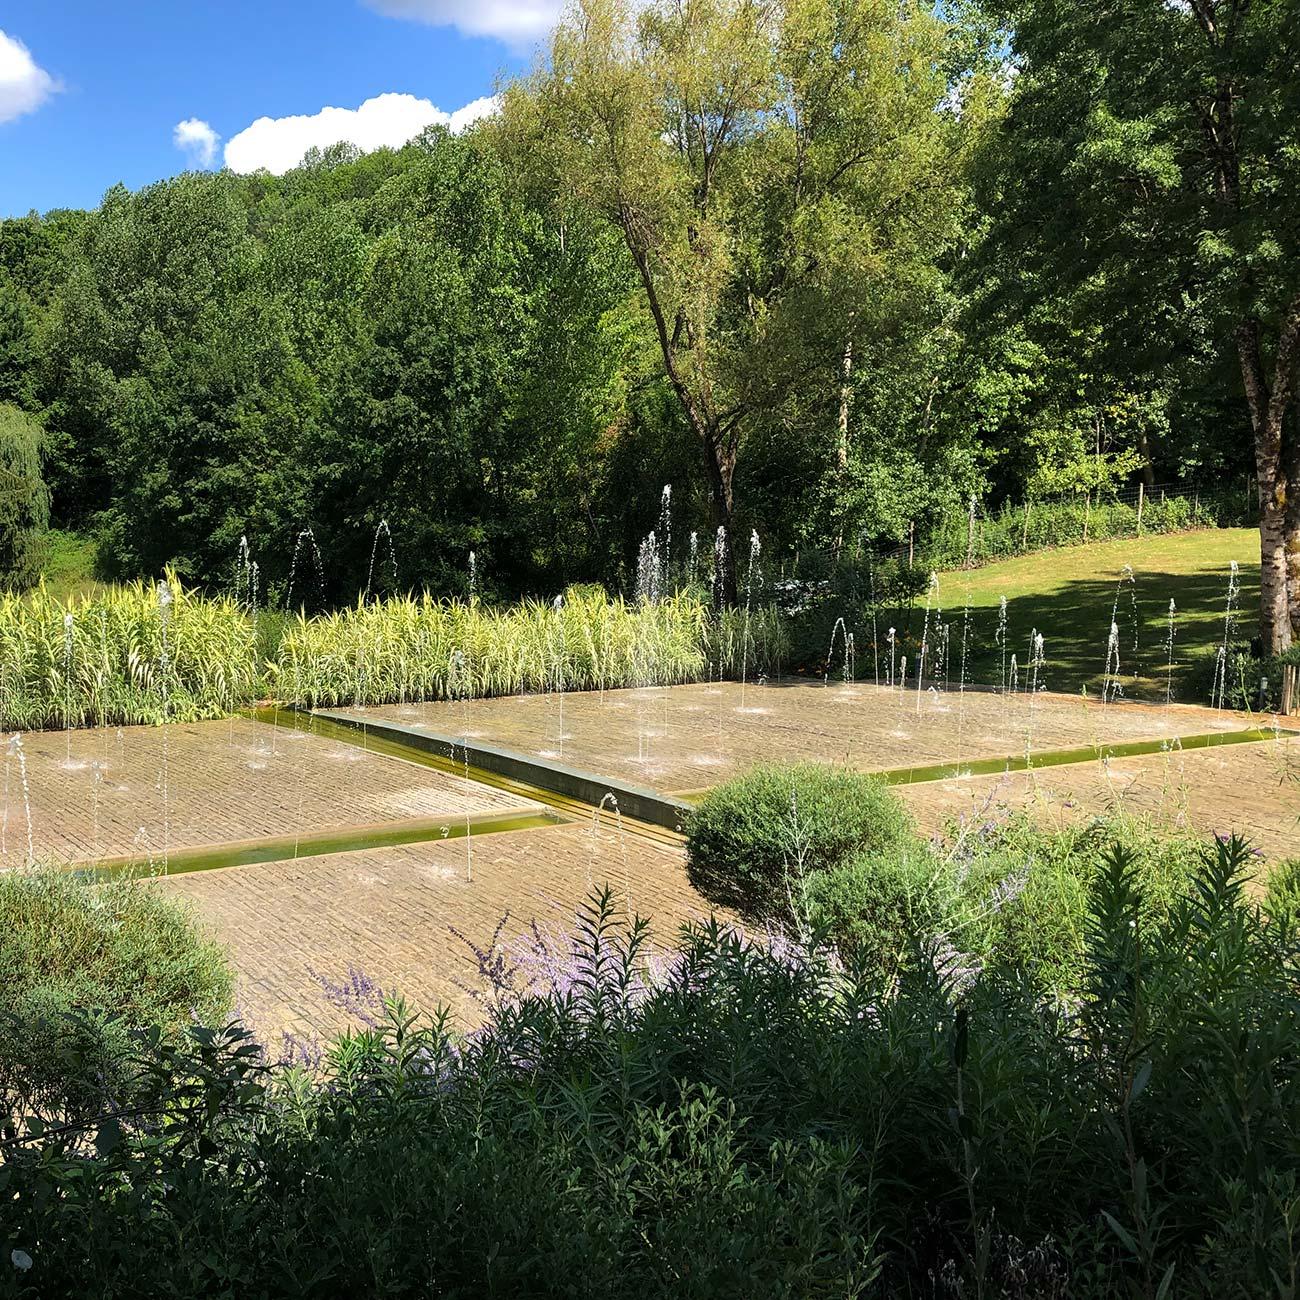 JARDIN DE L IMAGINAIRE - jeux d eau - Atelier Naudier - Architecte Paysagiste Concepteur -Montpellier & Aix-en-Provence